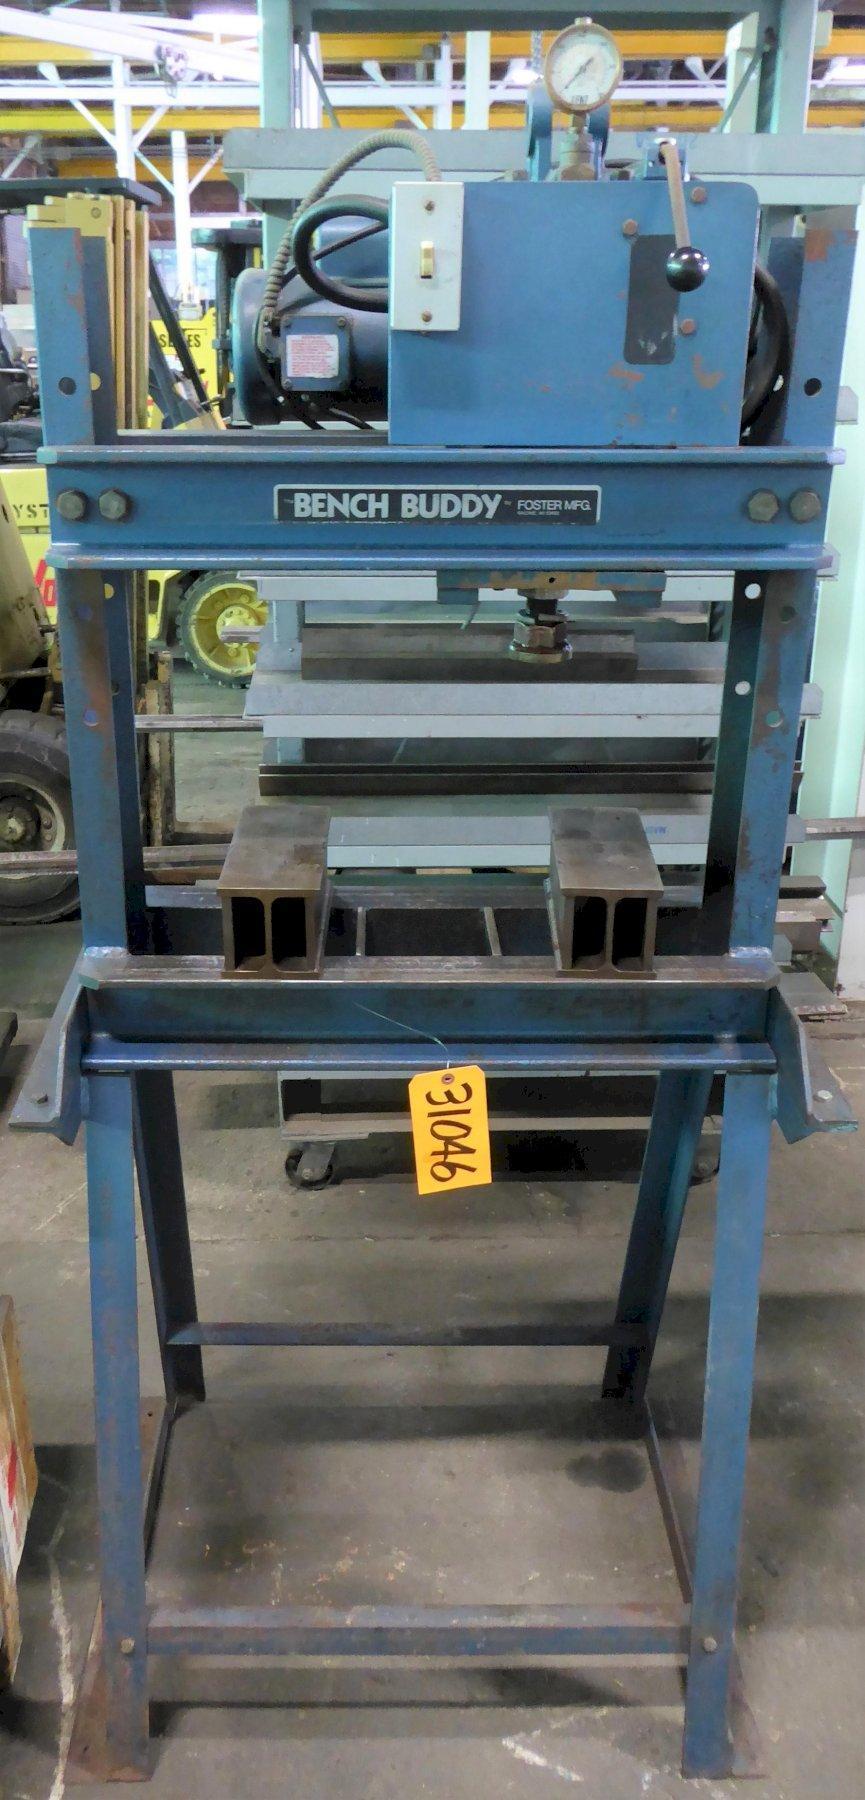 10 Ton Bench Buddy H-Frame Hydraulic Press